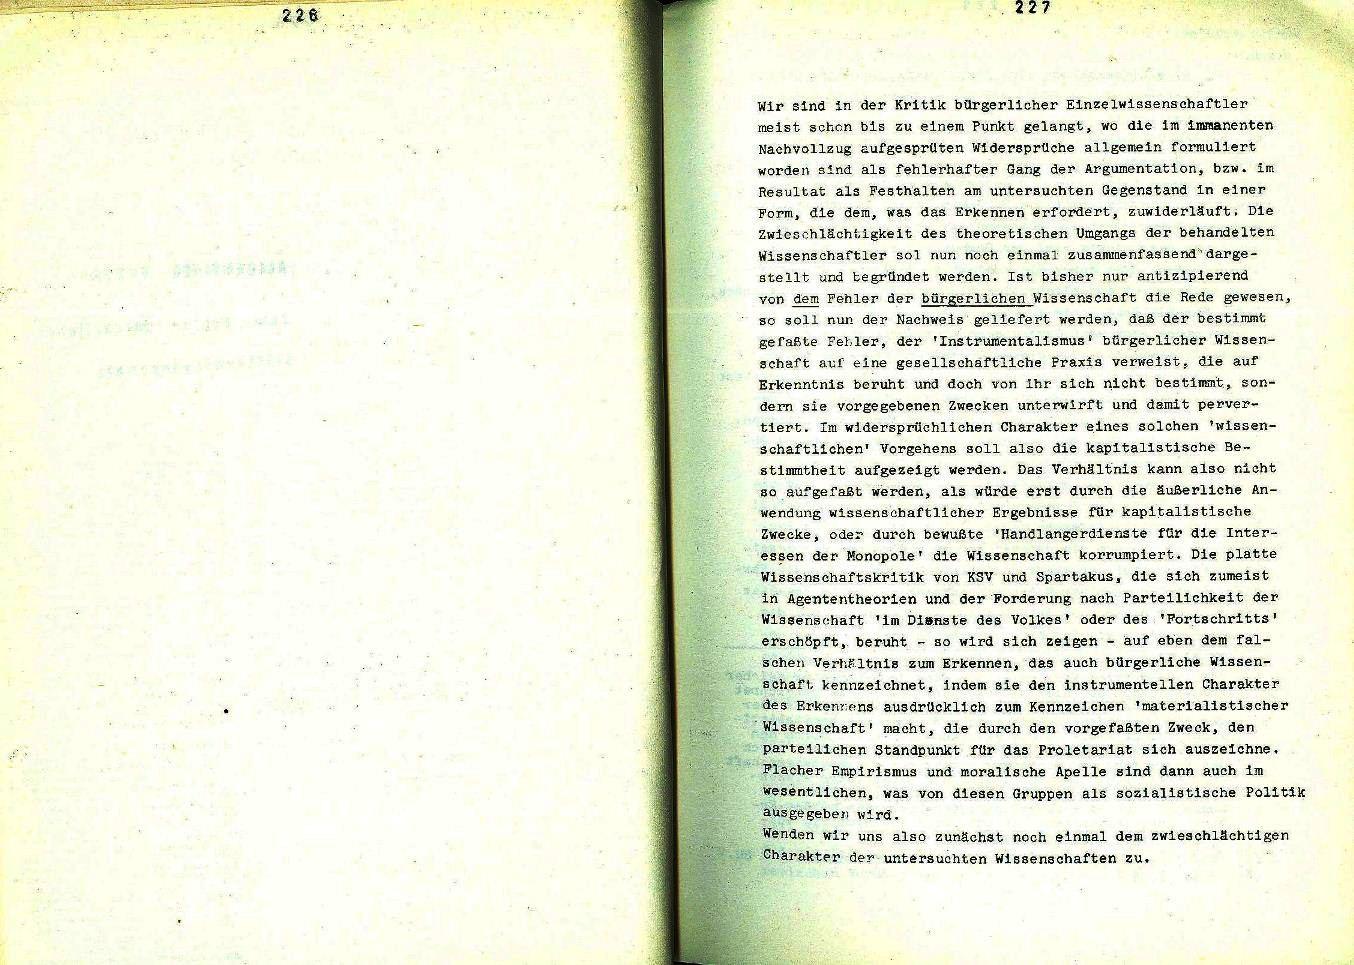 Muenchen_AK_Sozialistisches_Studium118